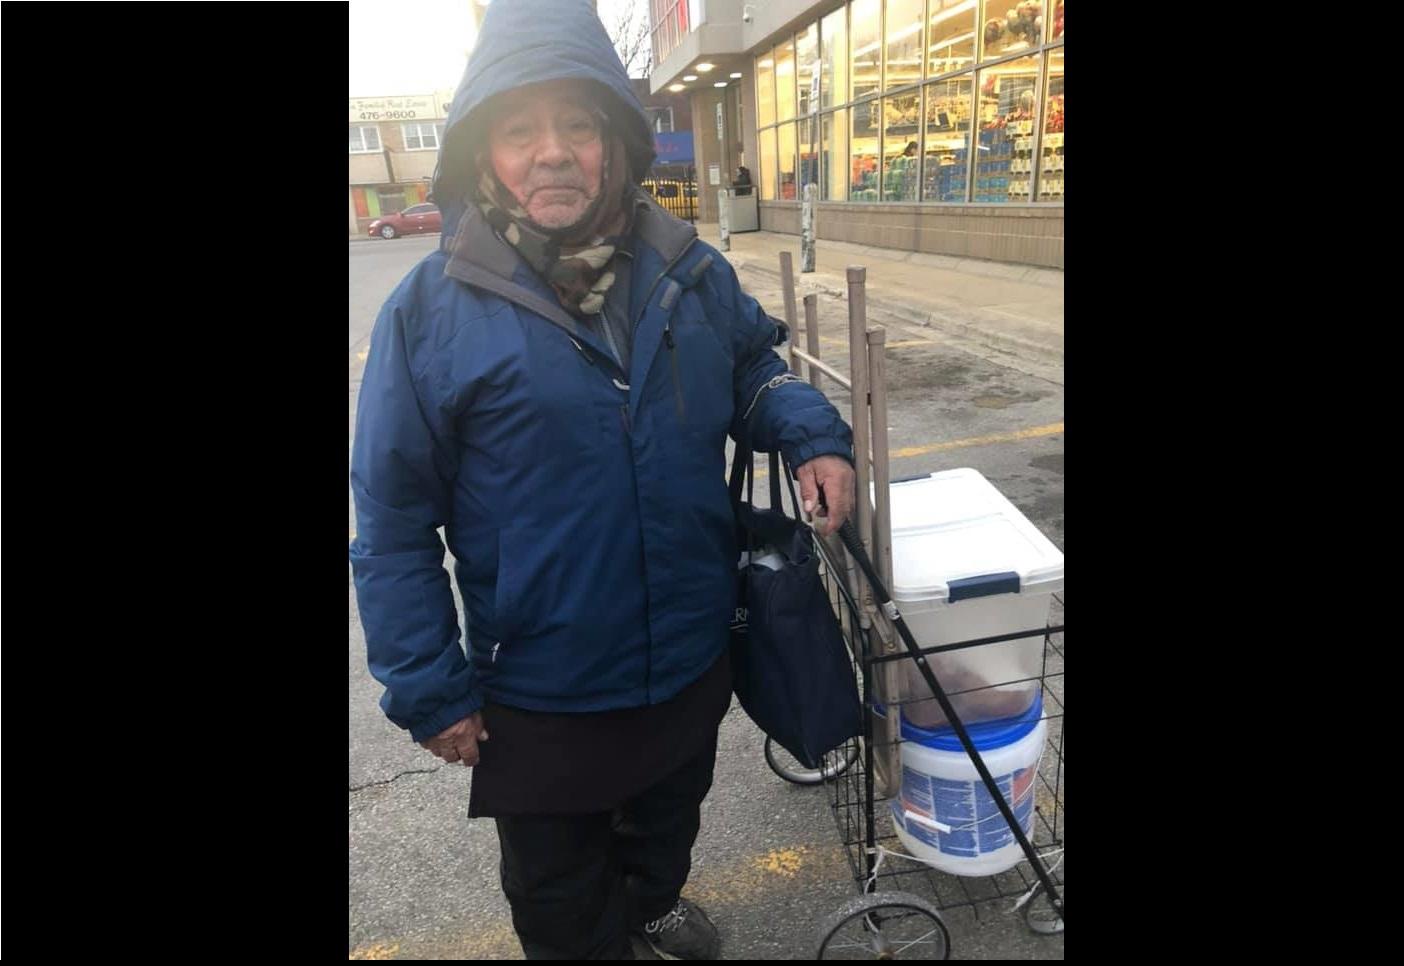 foto Recaudan miles de dólares para jubilar a abuelito vendedor de empanadas 12 marzo 2019